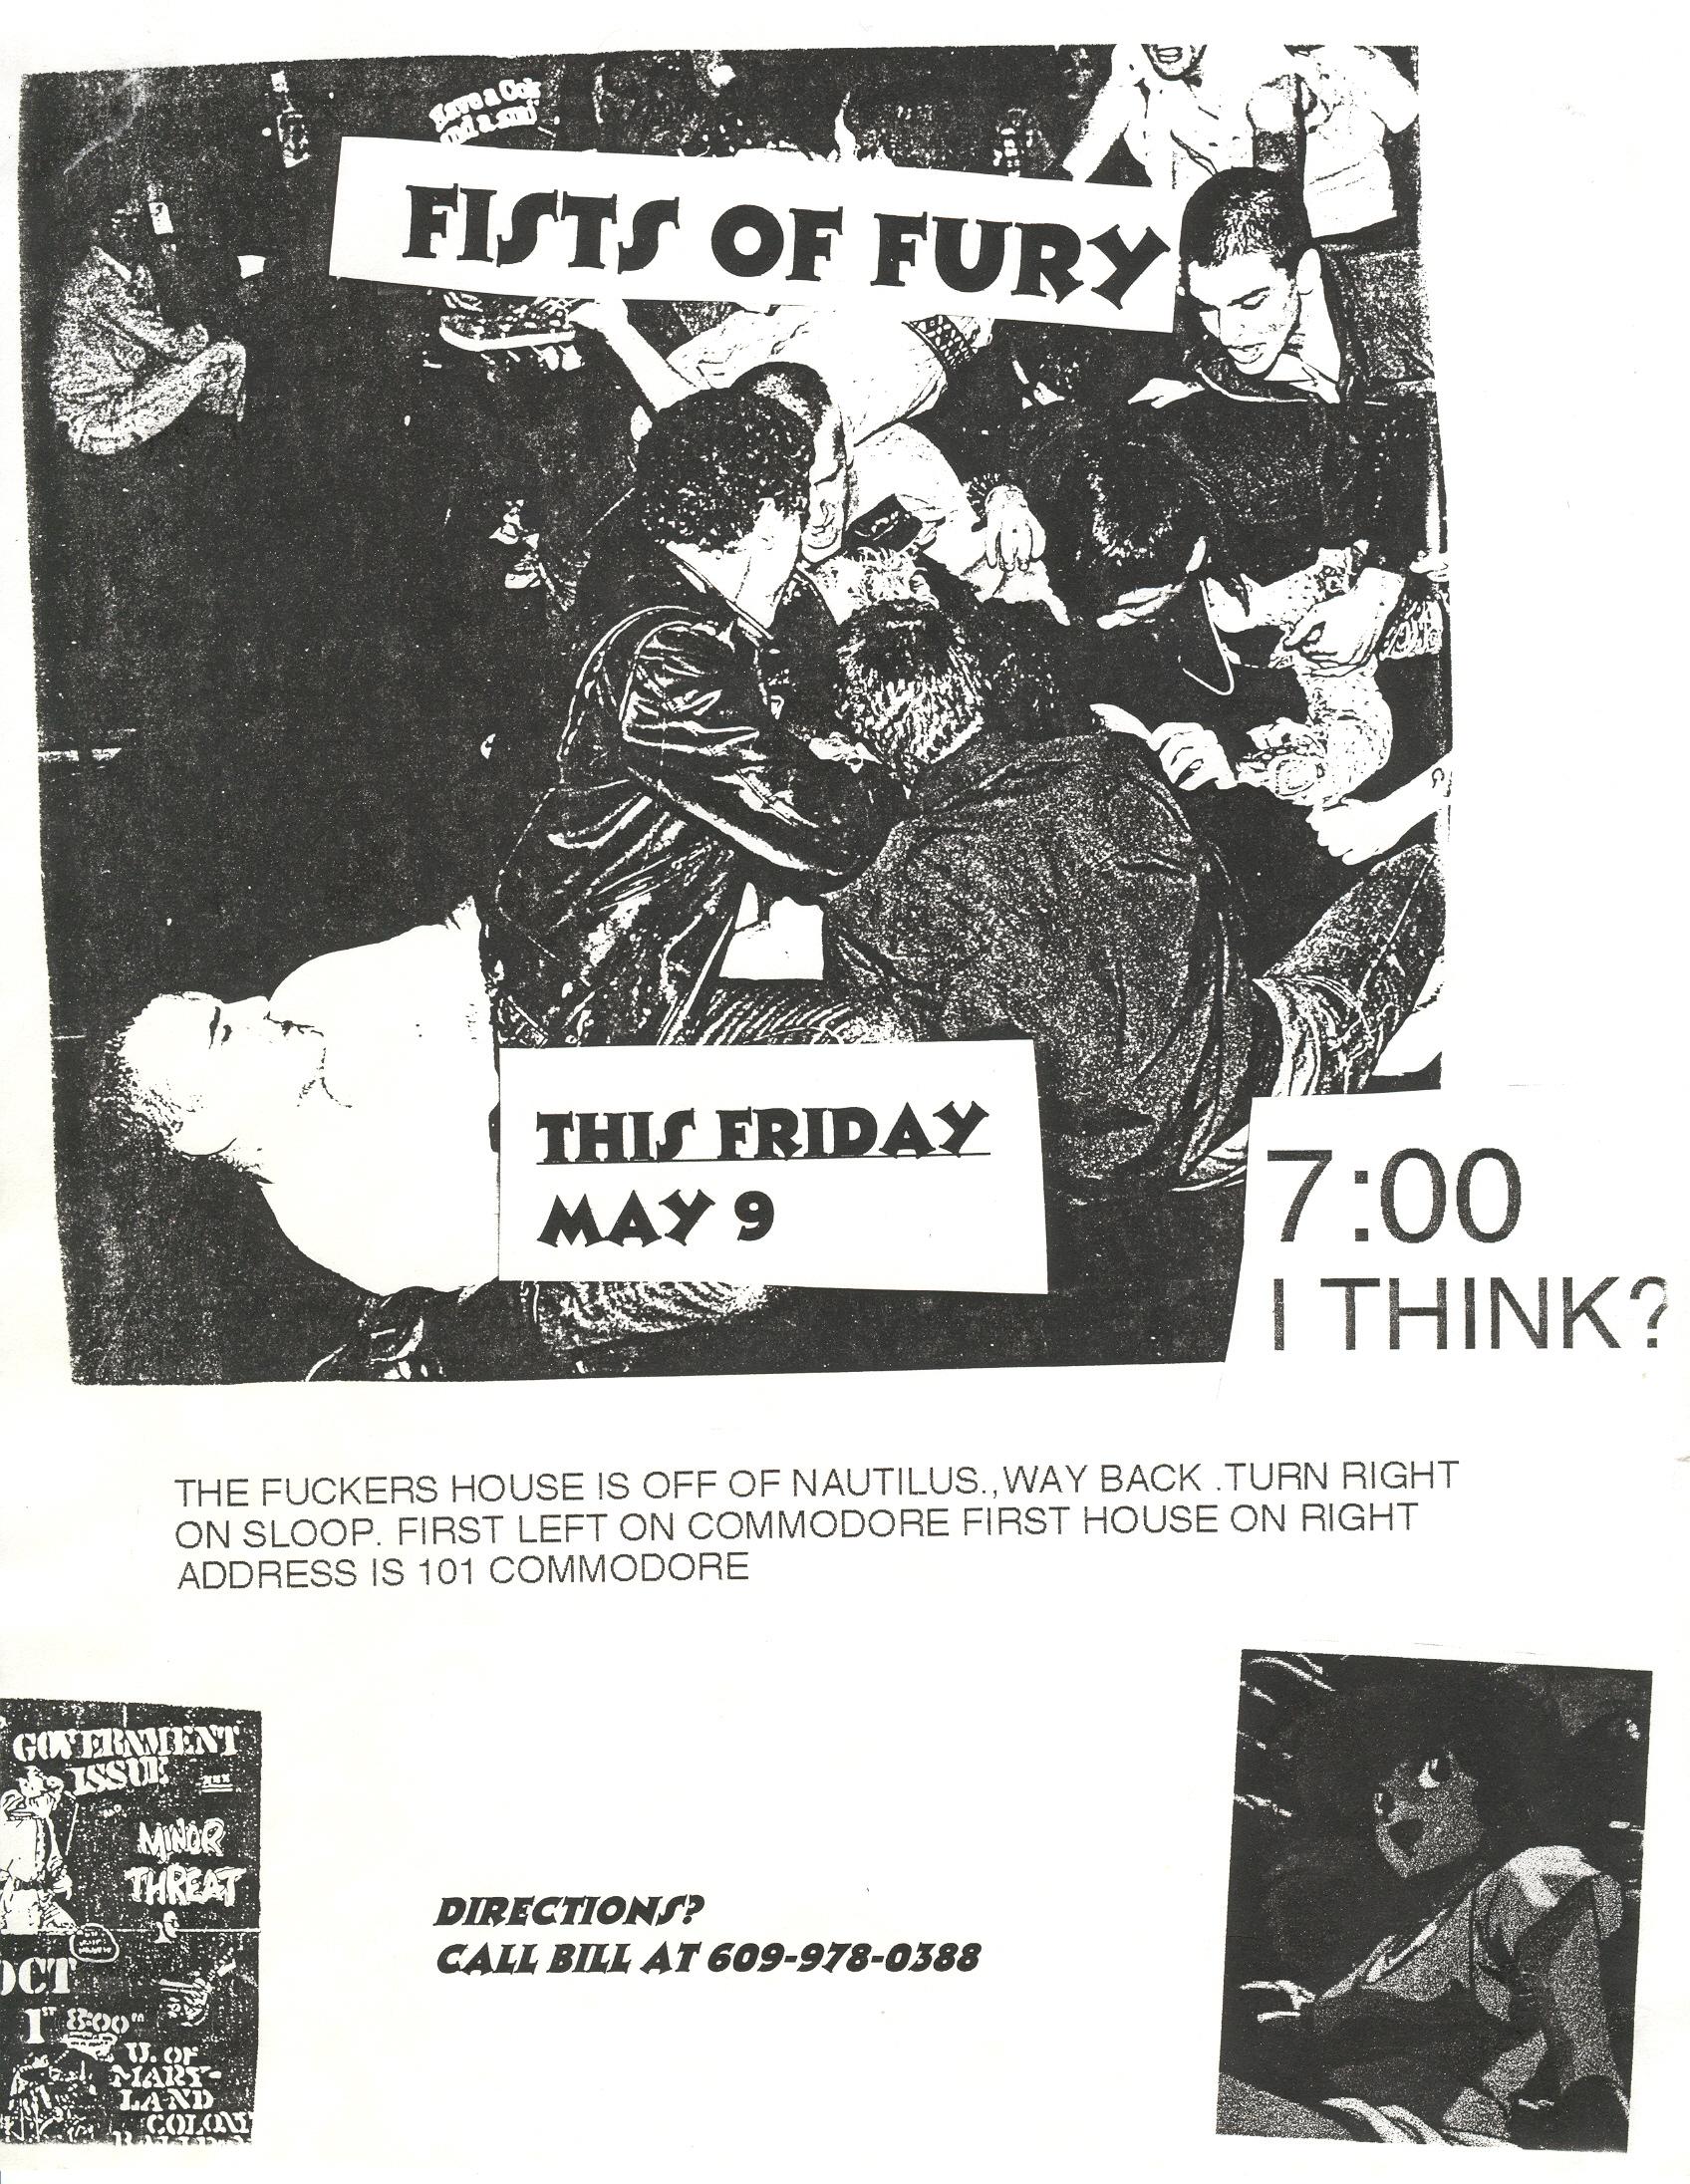 Fists Of Fury @ House Show Manahawkin NJ 5-9-97